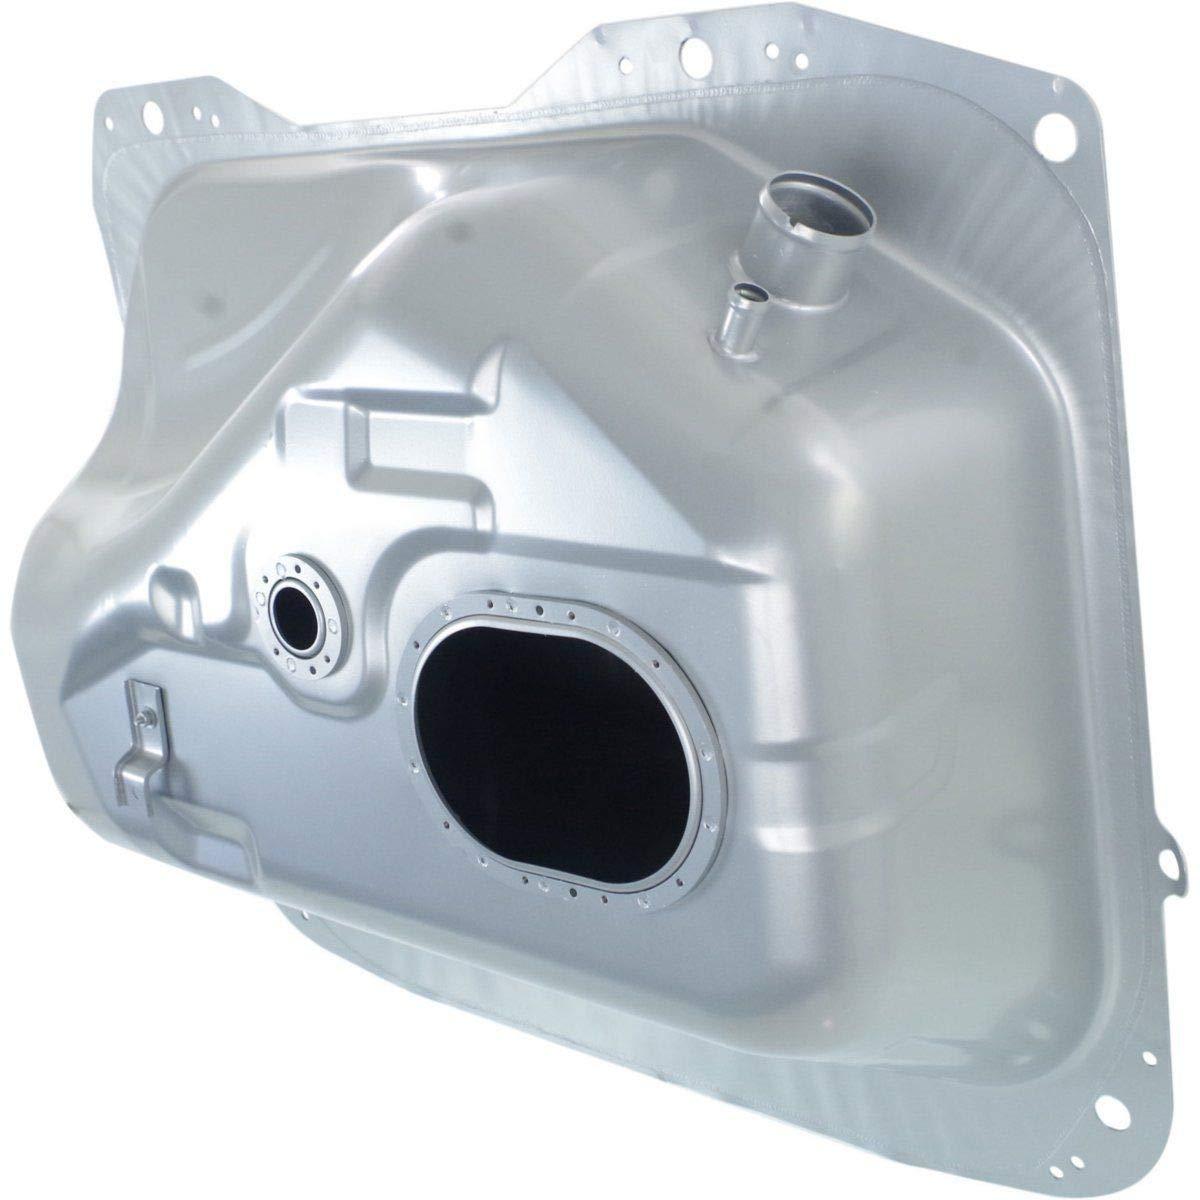 994f29c6027a8 Amazon.com: 12.7 Gallon Fuel Tank For 90-97 Mazda Miata Silver ...